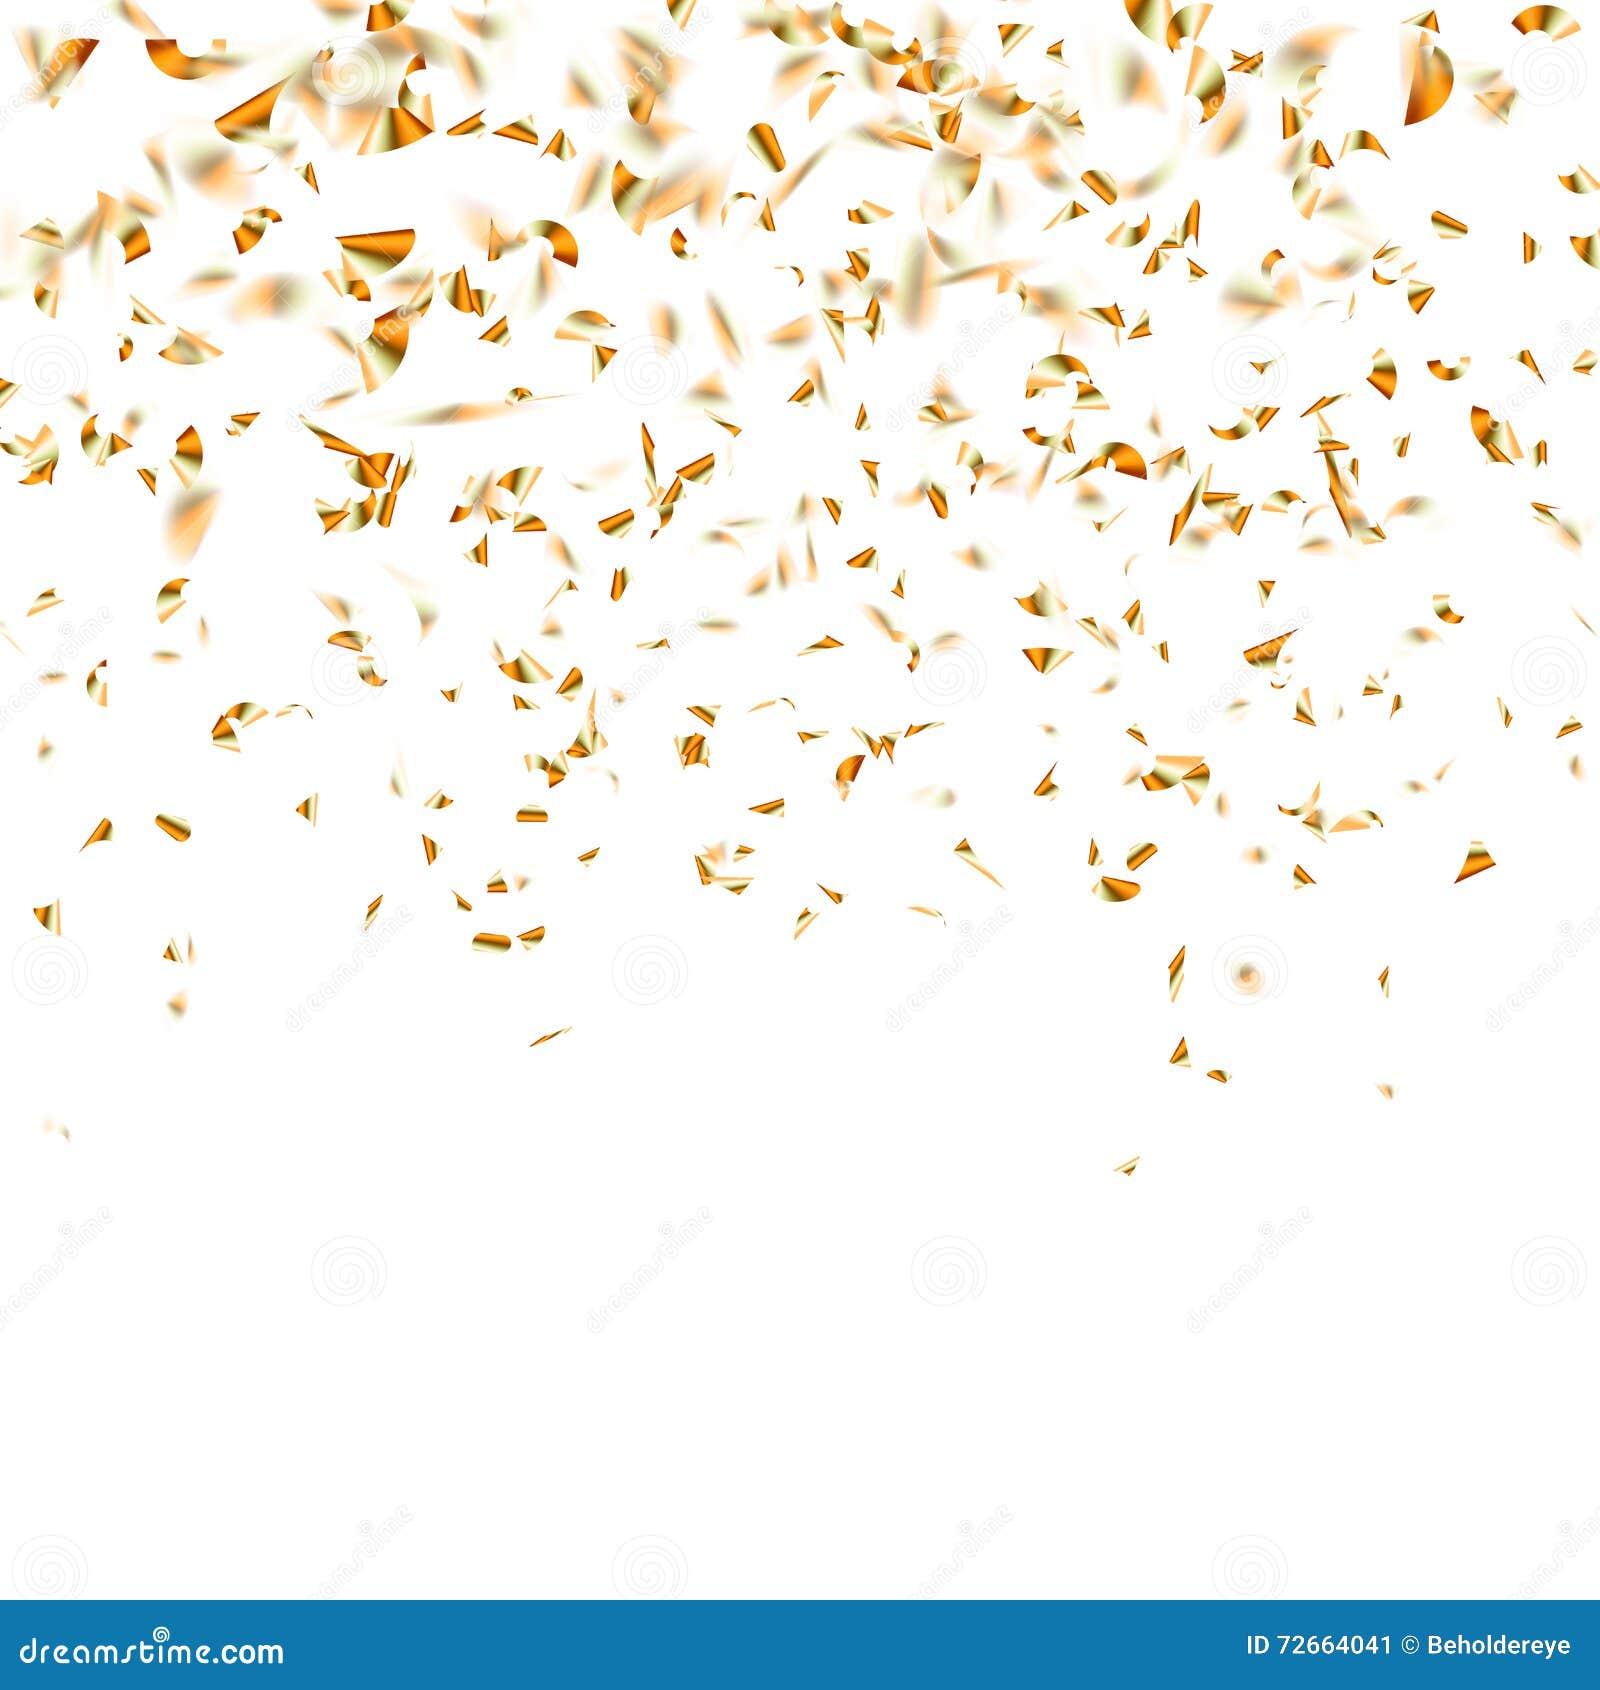 gold polka dots kate spade